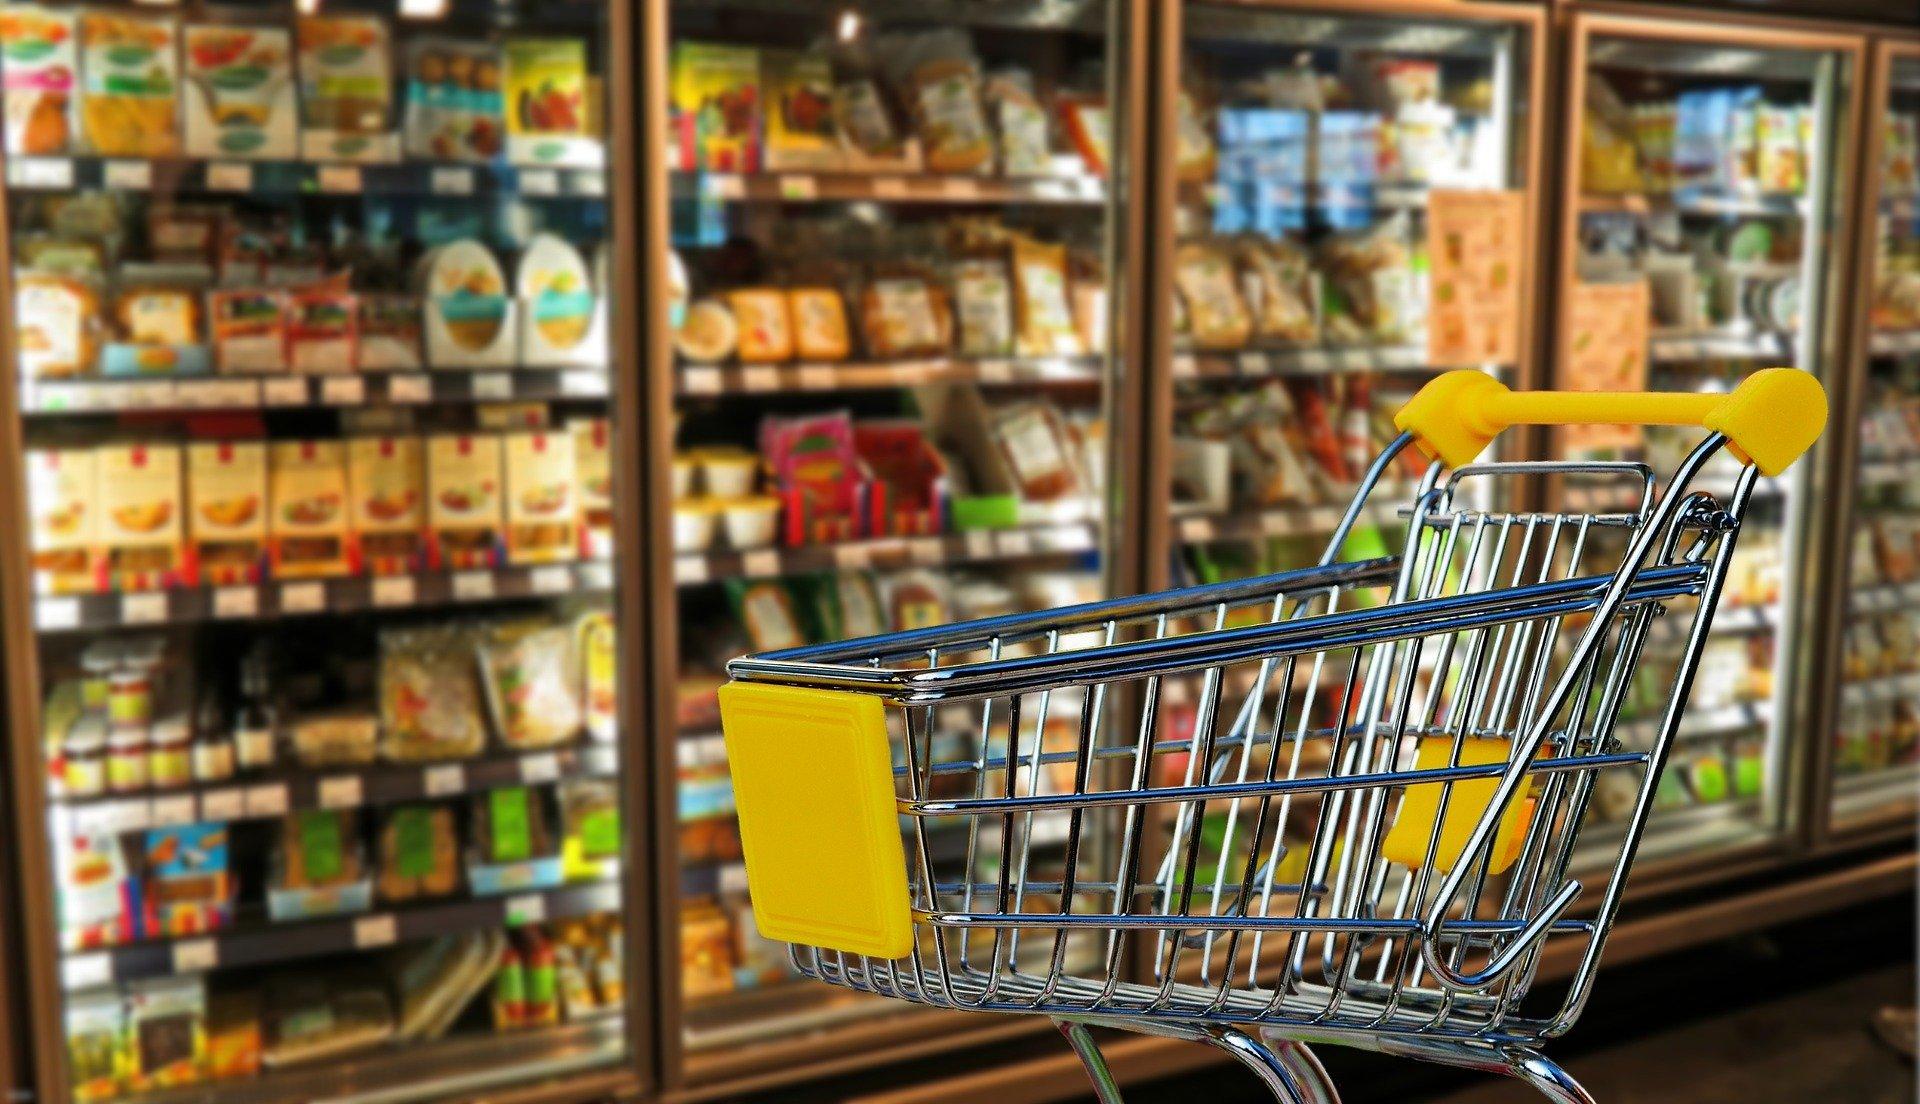 Ungarns Inflationsspitze setzt sich im Juni fort